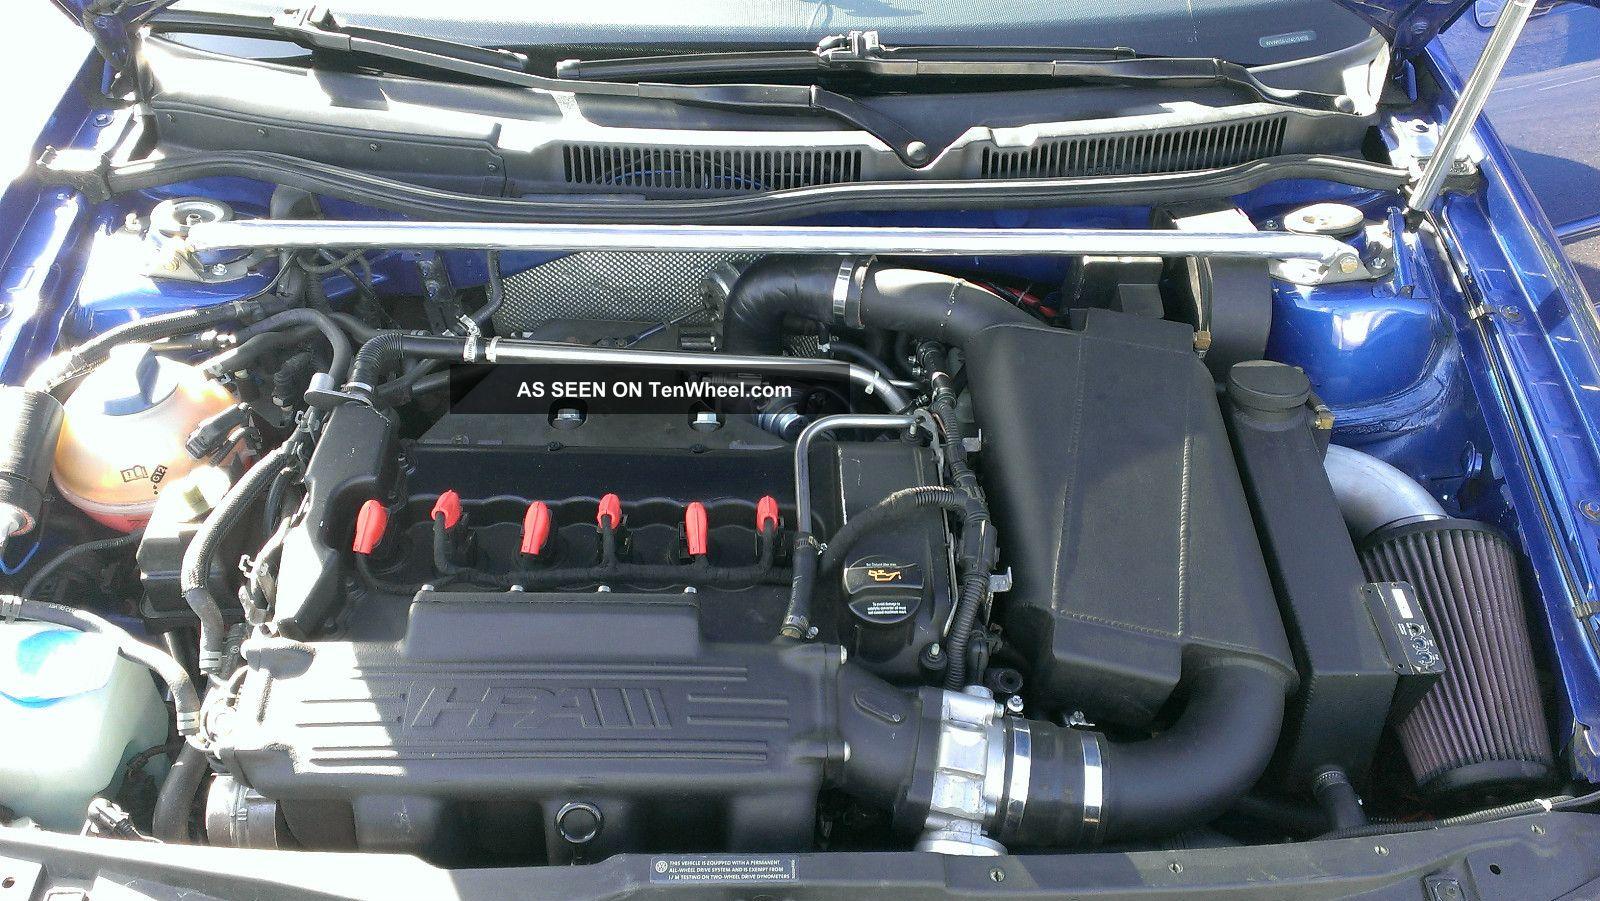 2004 volkswagen r32 hpa ft465 turbo. Black Bedroom Furniture Sets. Home Design Ideas